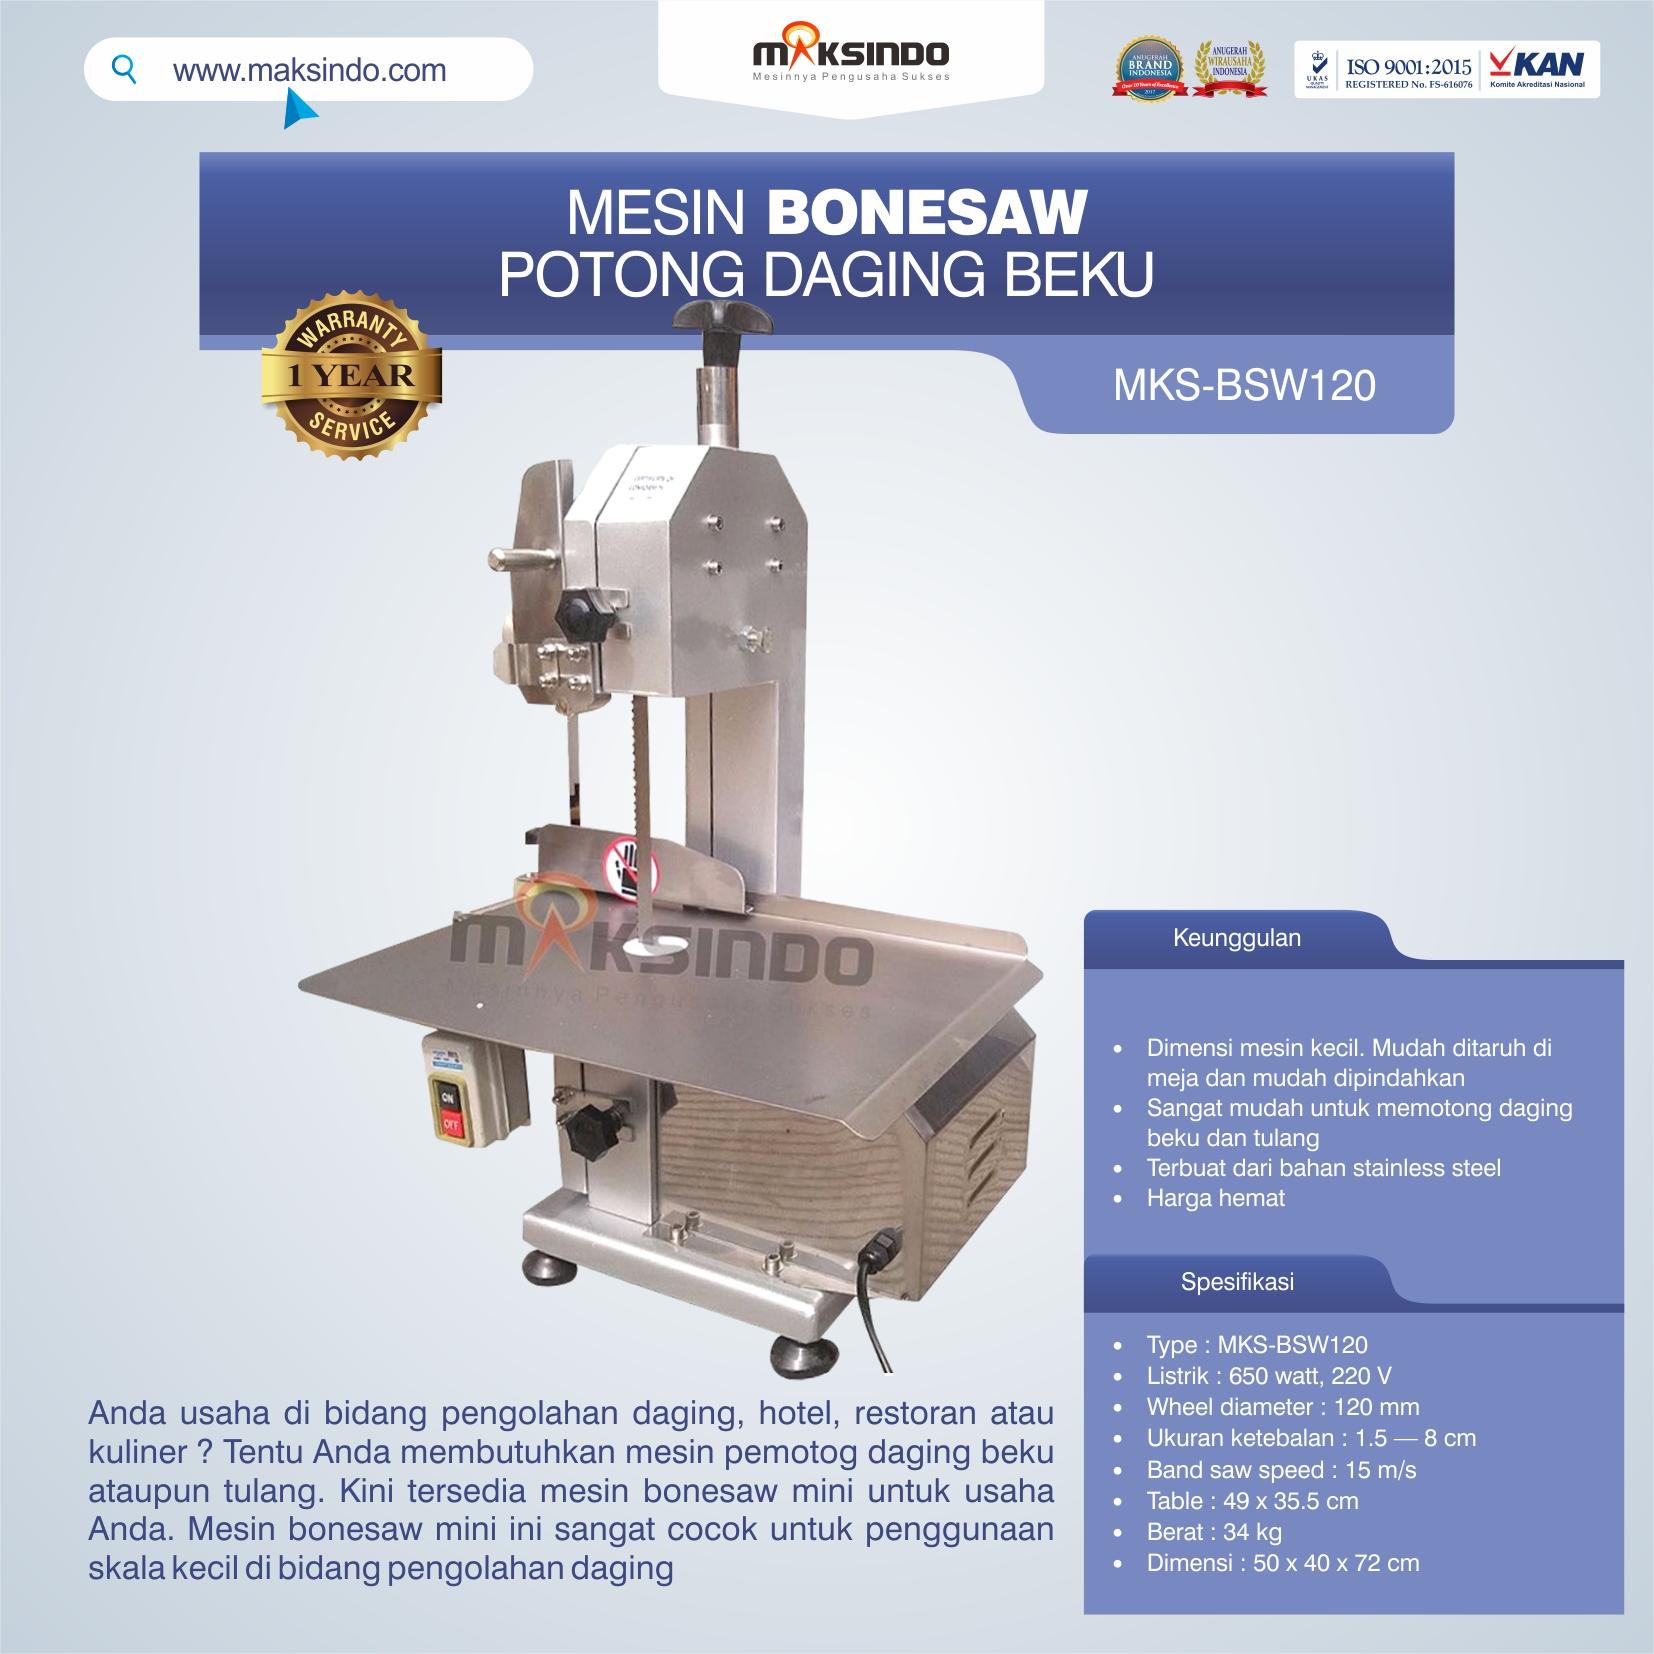 Jual Bonesaw Pemotong Daging Beku (MKS-BSW120) di Blitar